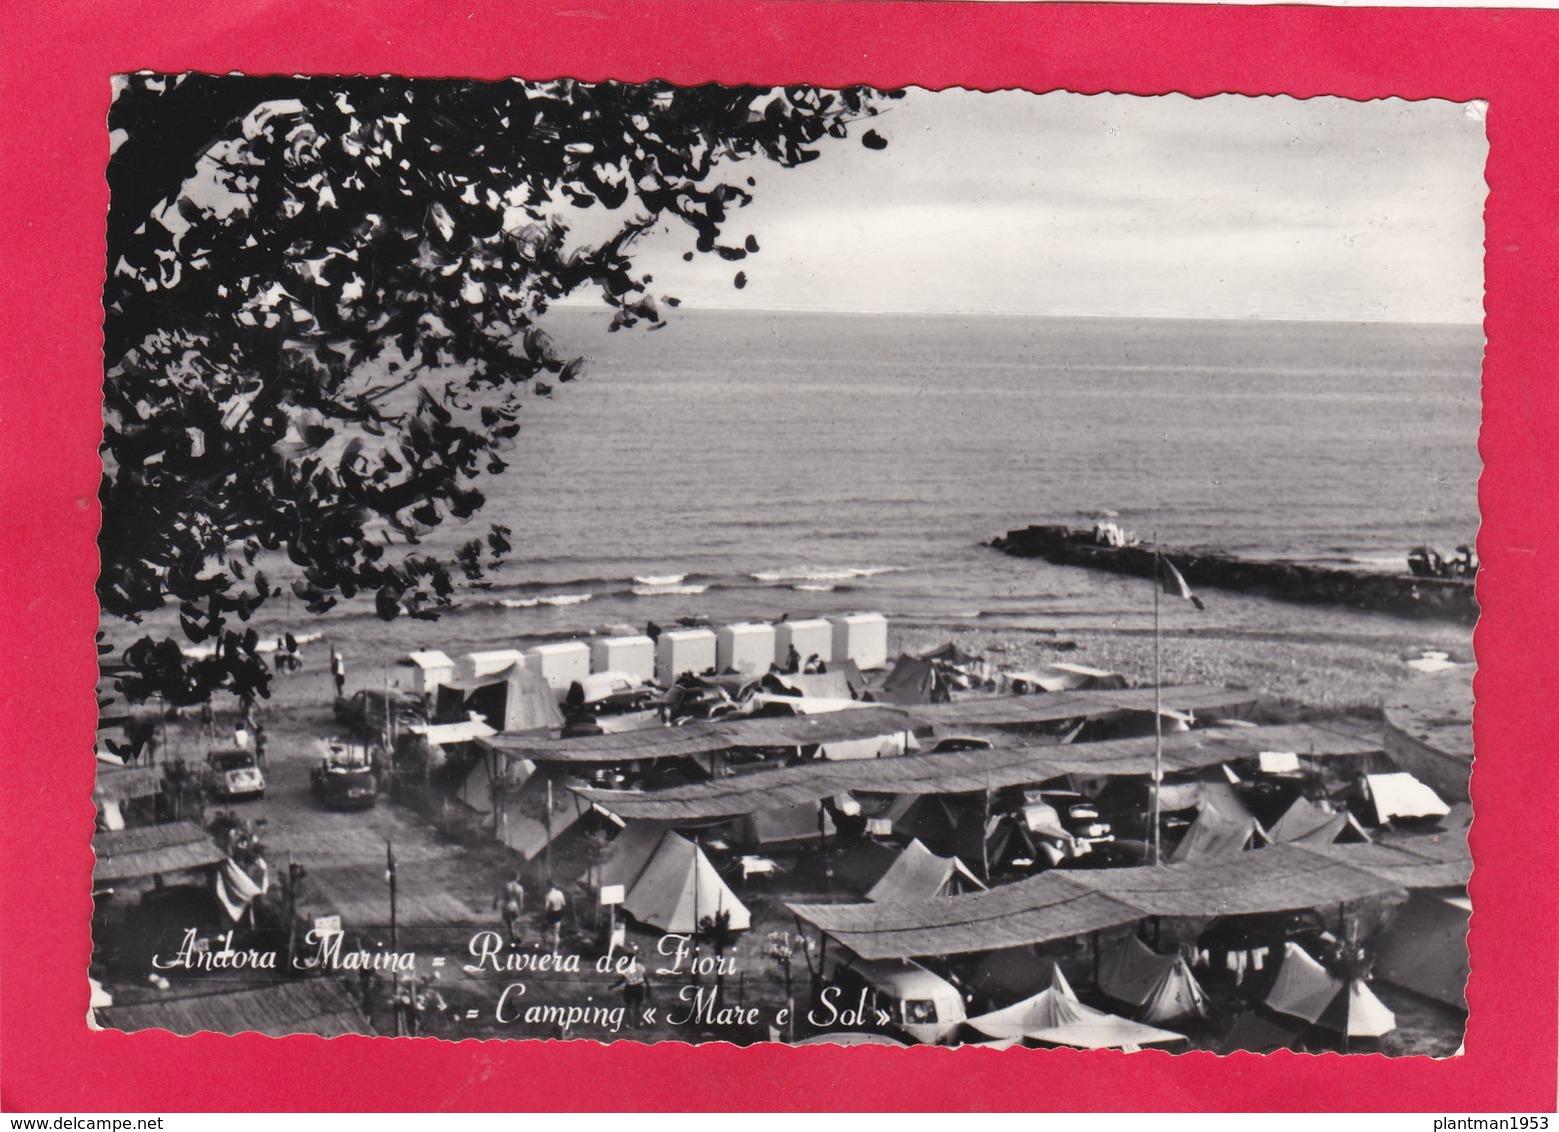 Modern Post Card Of Andora Marina,Liguria,Italy,A37. - Italy